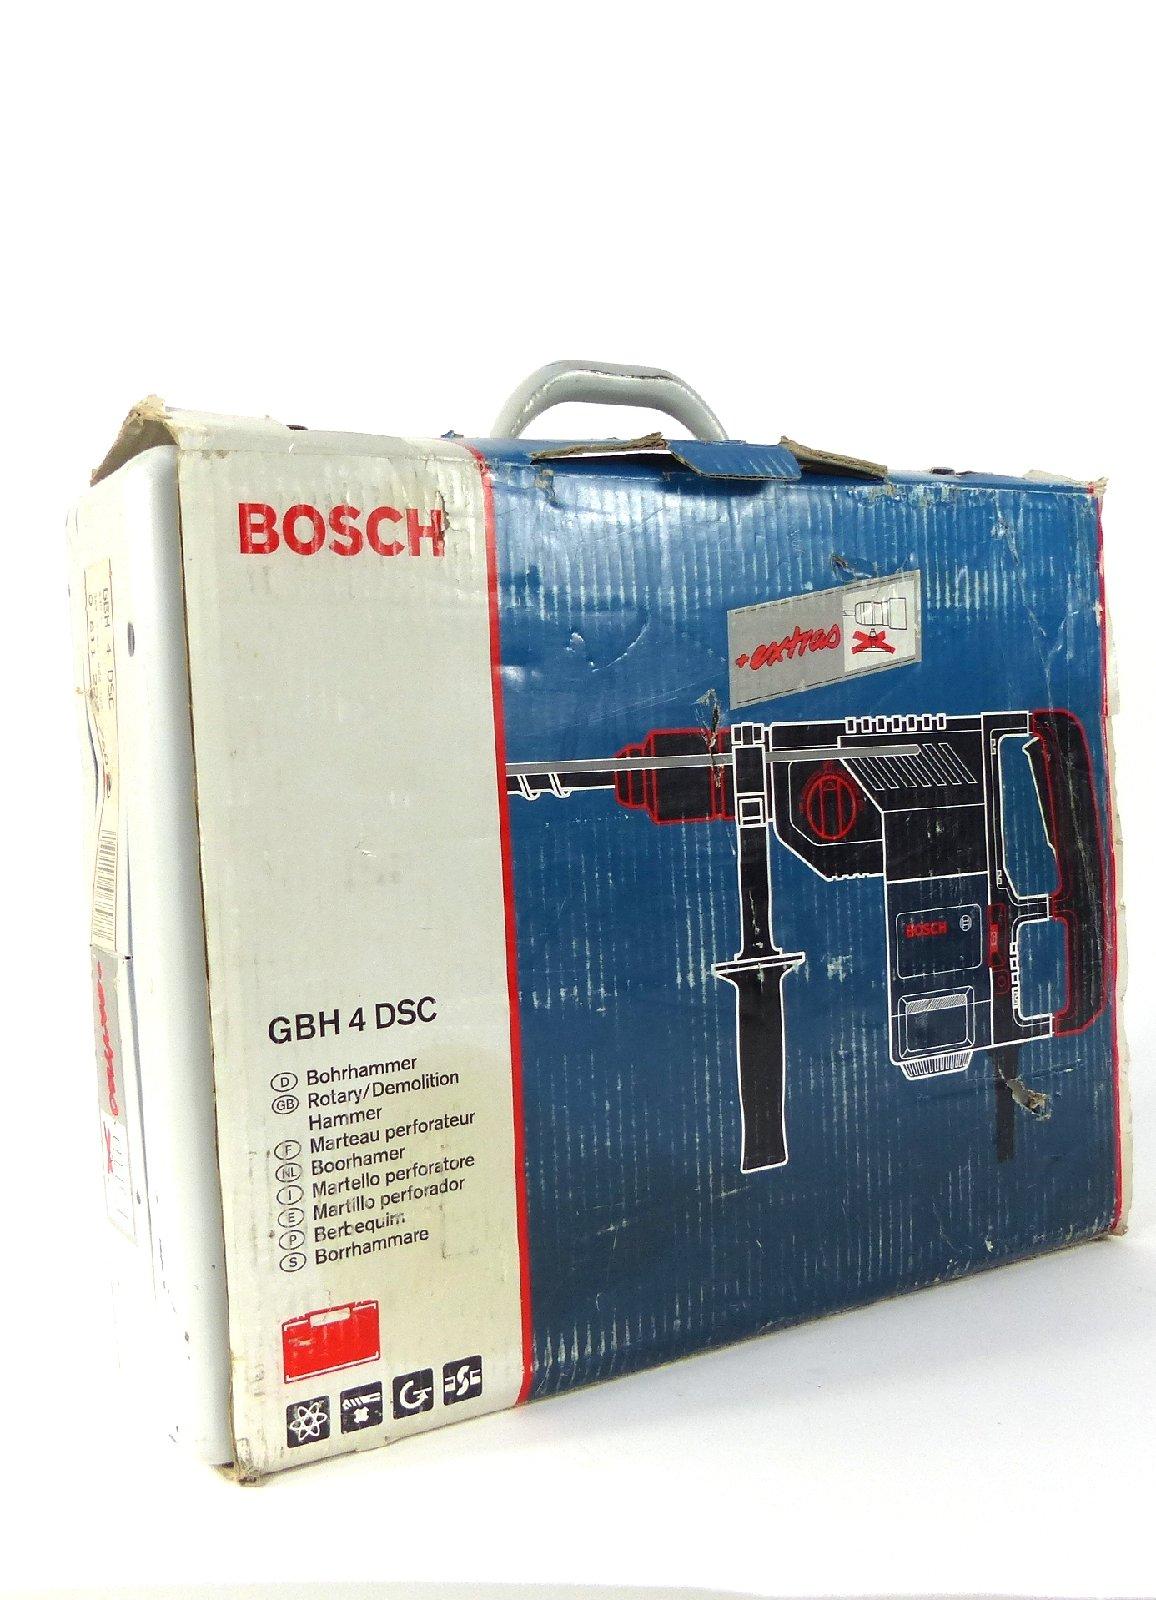 bosch bohrhammer mei elhammer gbh 4 dsc bohrmaschine elektrowerkzeug 750w ebay. Black Bedroom Furniture Sets. Home Design Ideas